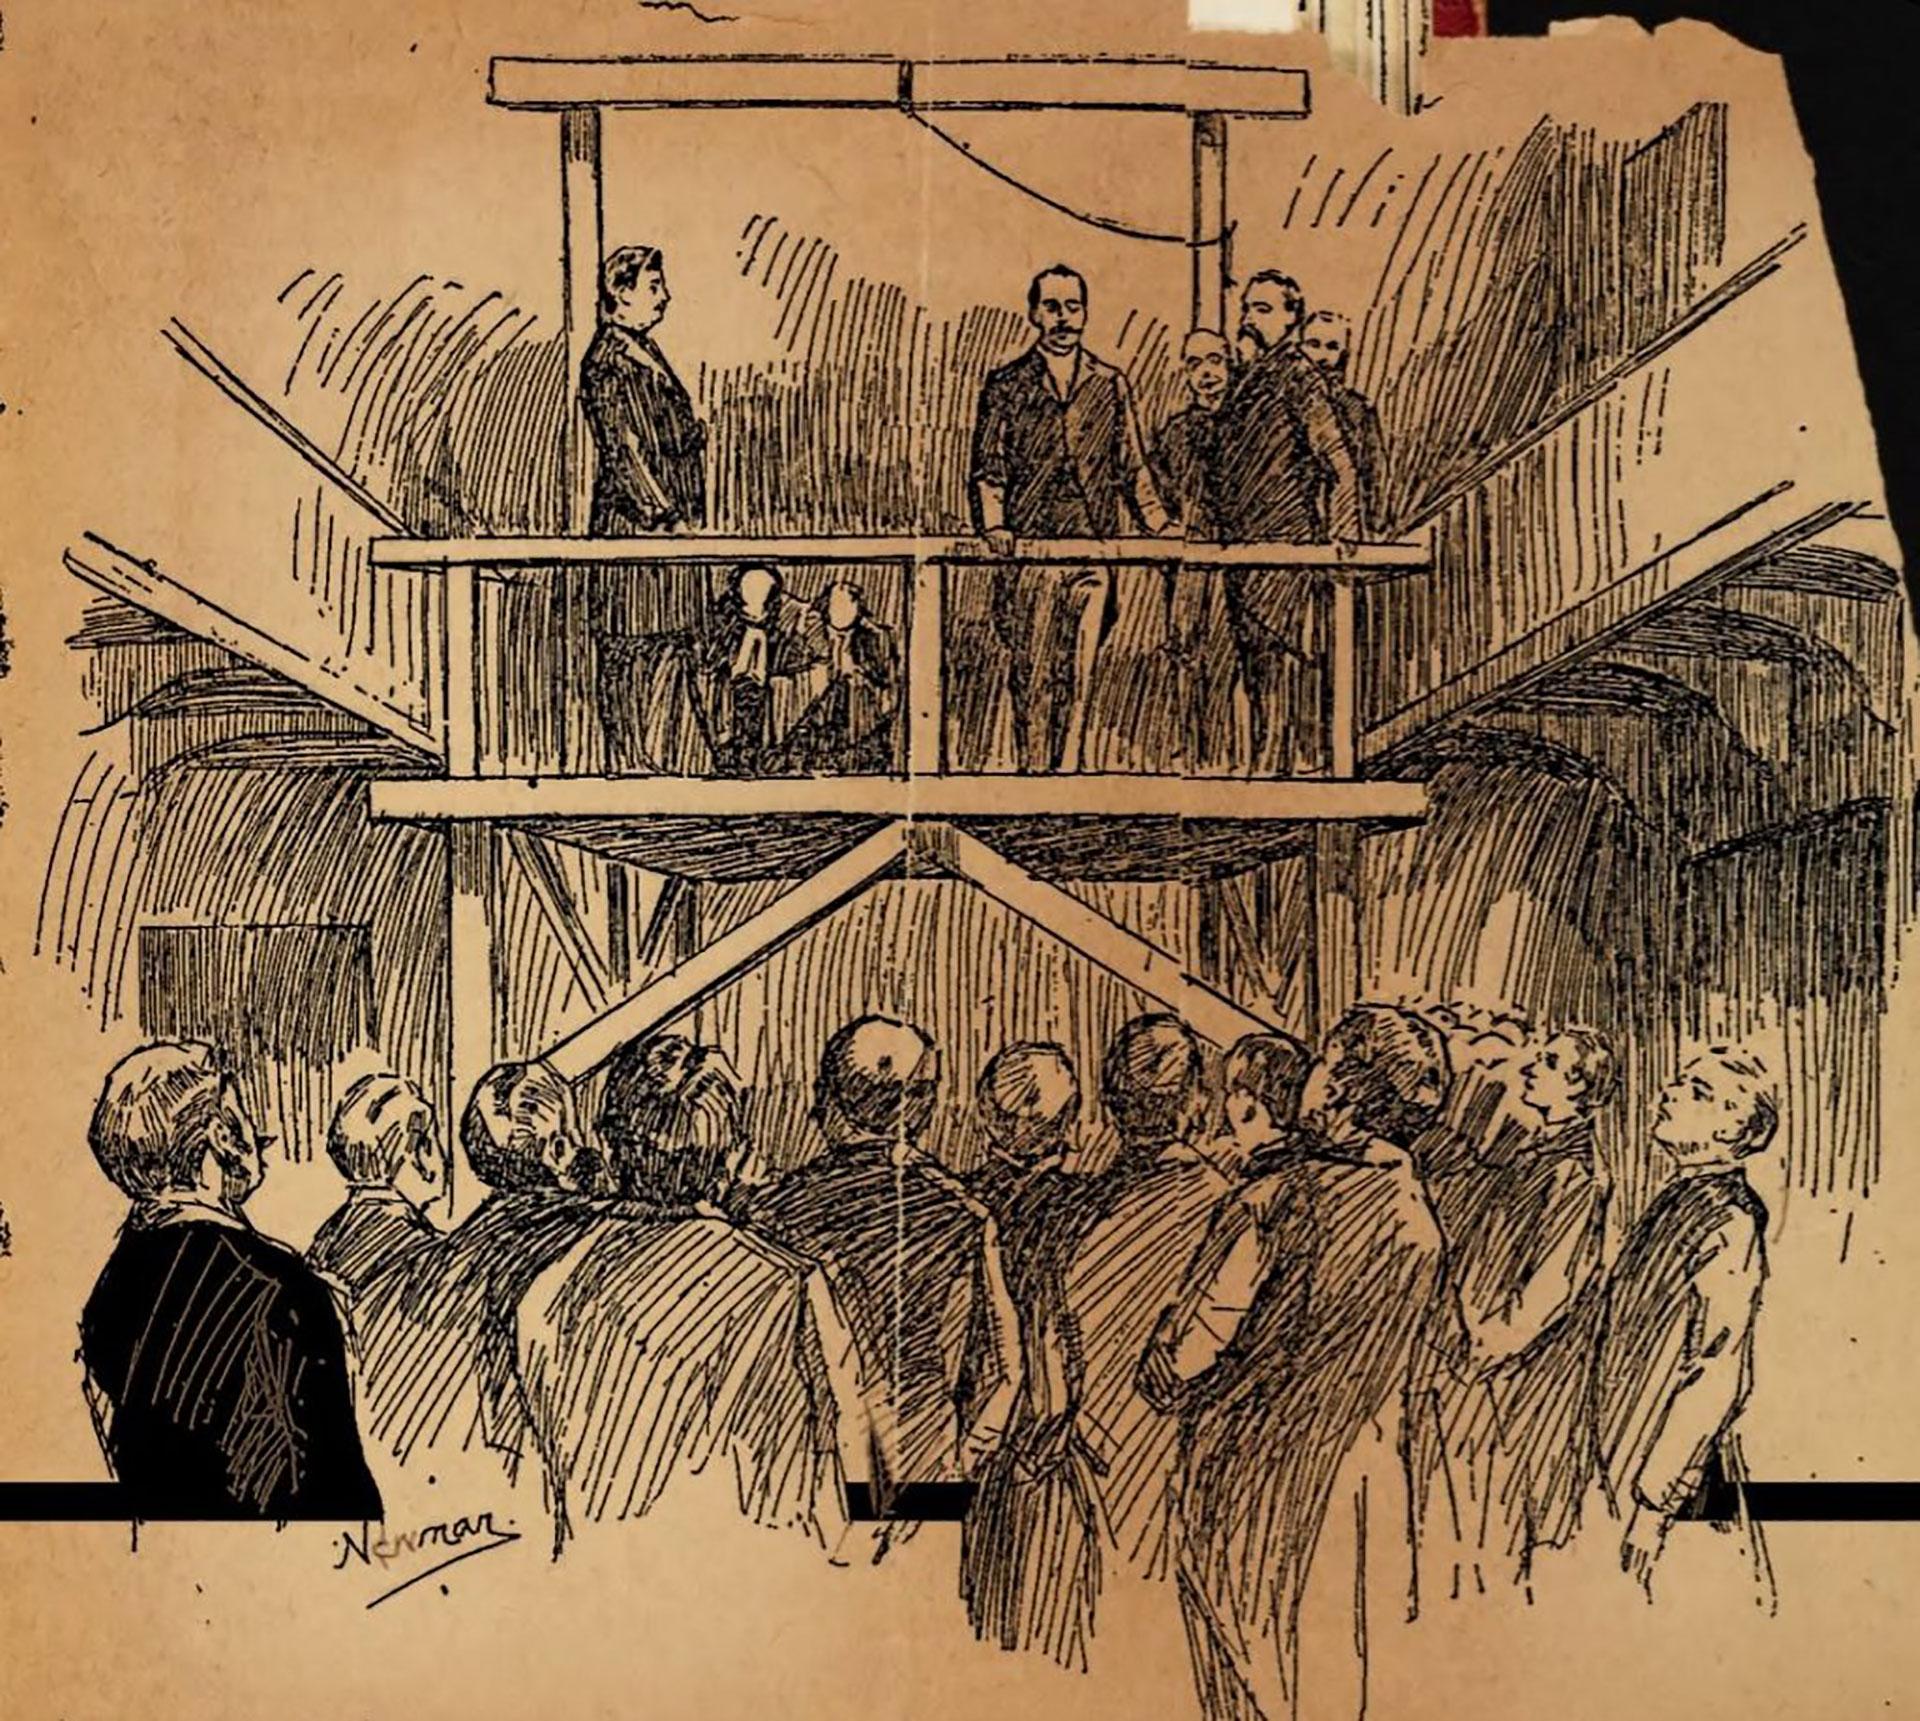 El Castillo De Los Horrores Cómo El Despiadado Doctor Holmes Se Convirtió En El Primer Asesino Serial De La Historia De Estados Unidos Infobae